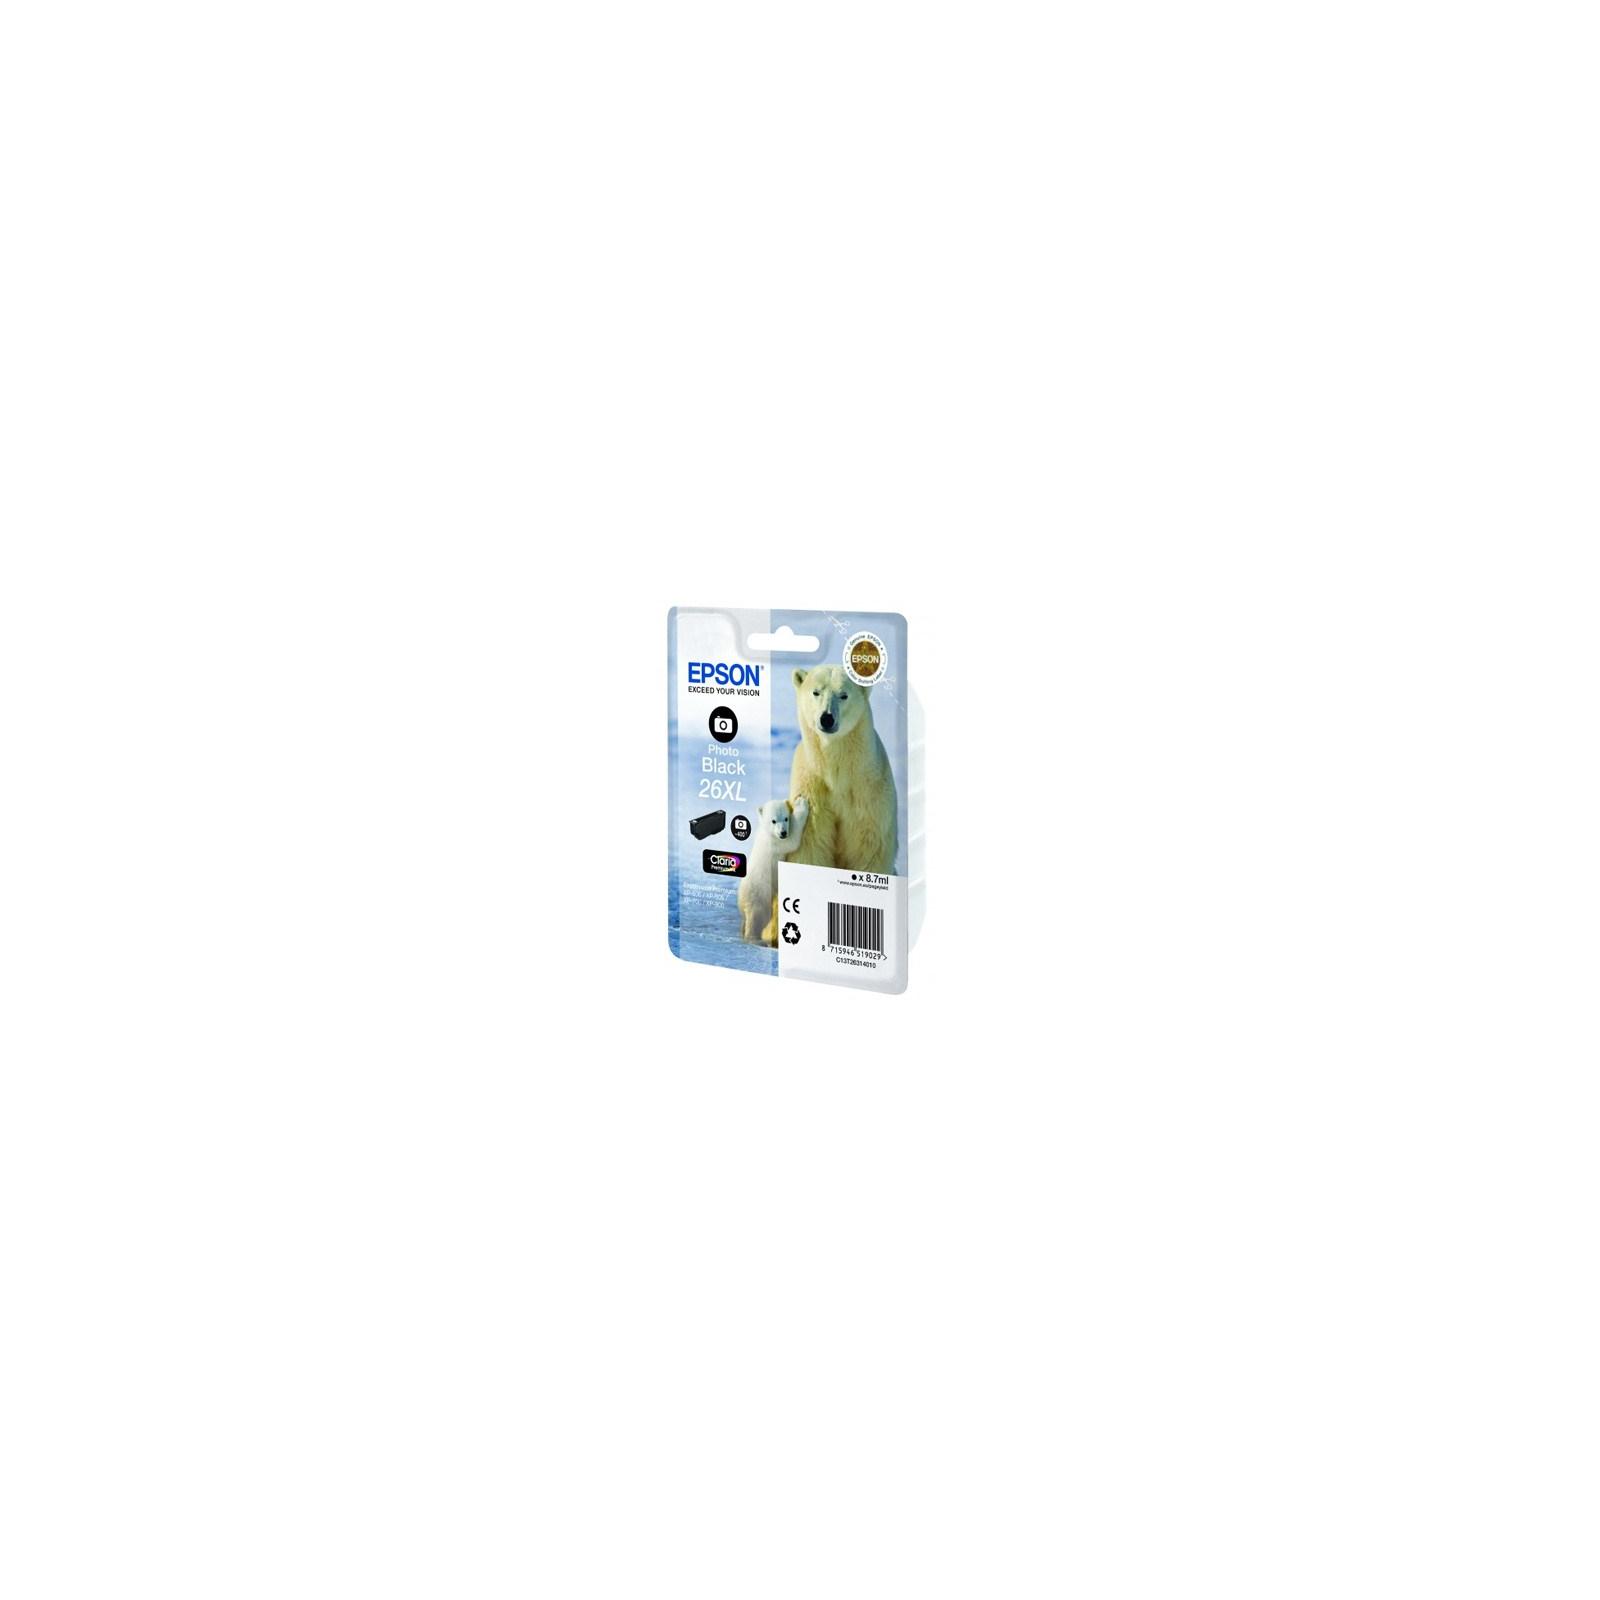 Картридж EPSON 26XL XP600/605/700 black (C13T26314010)